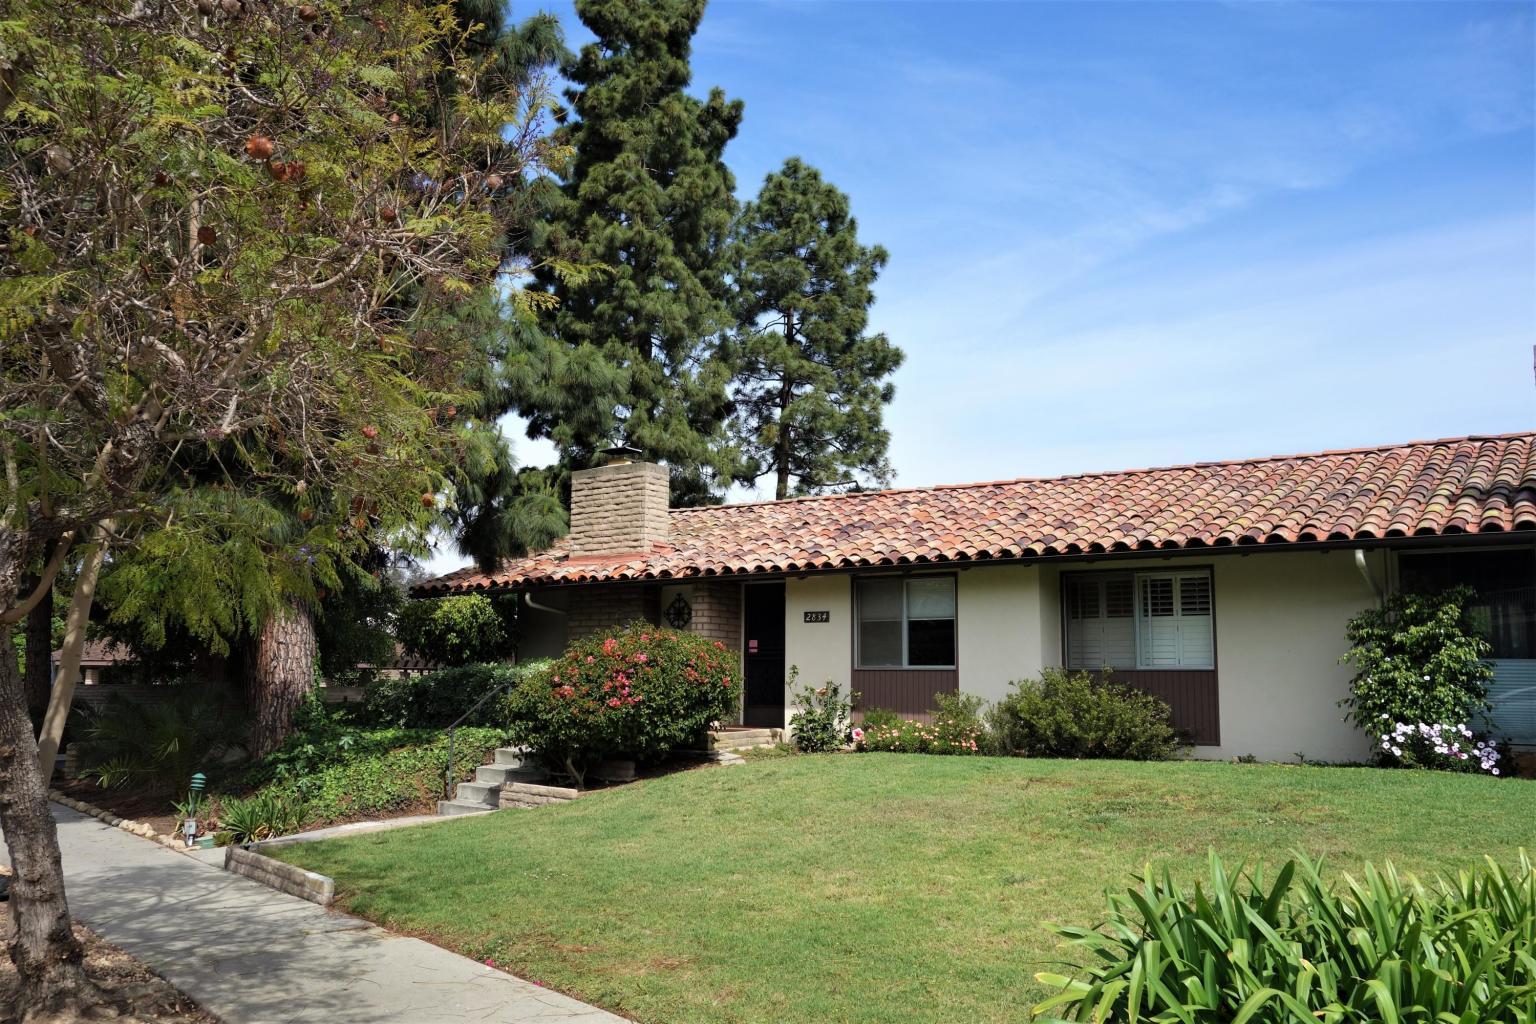 One of Santa Barbara 2 Bedroom Homes for Sale at 2834  Miradero Dr